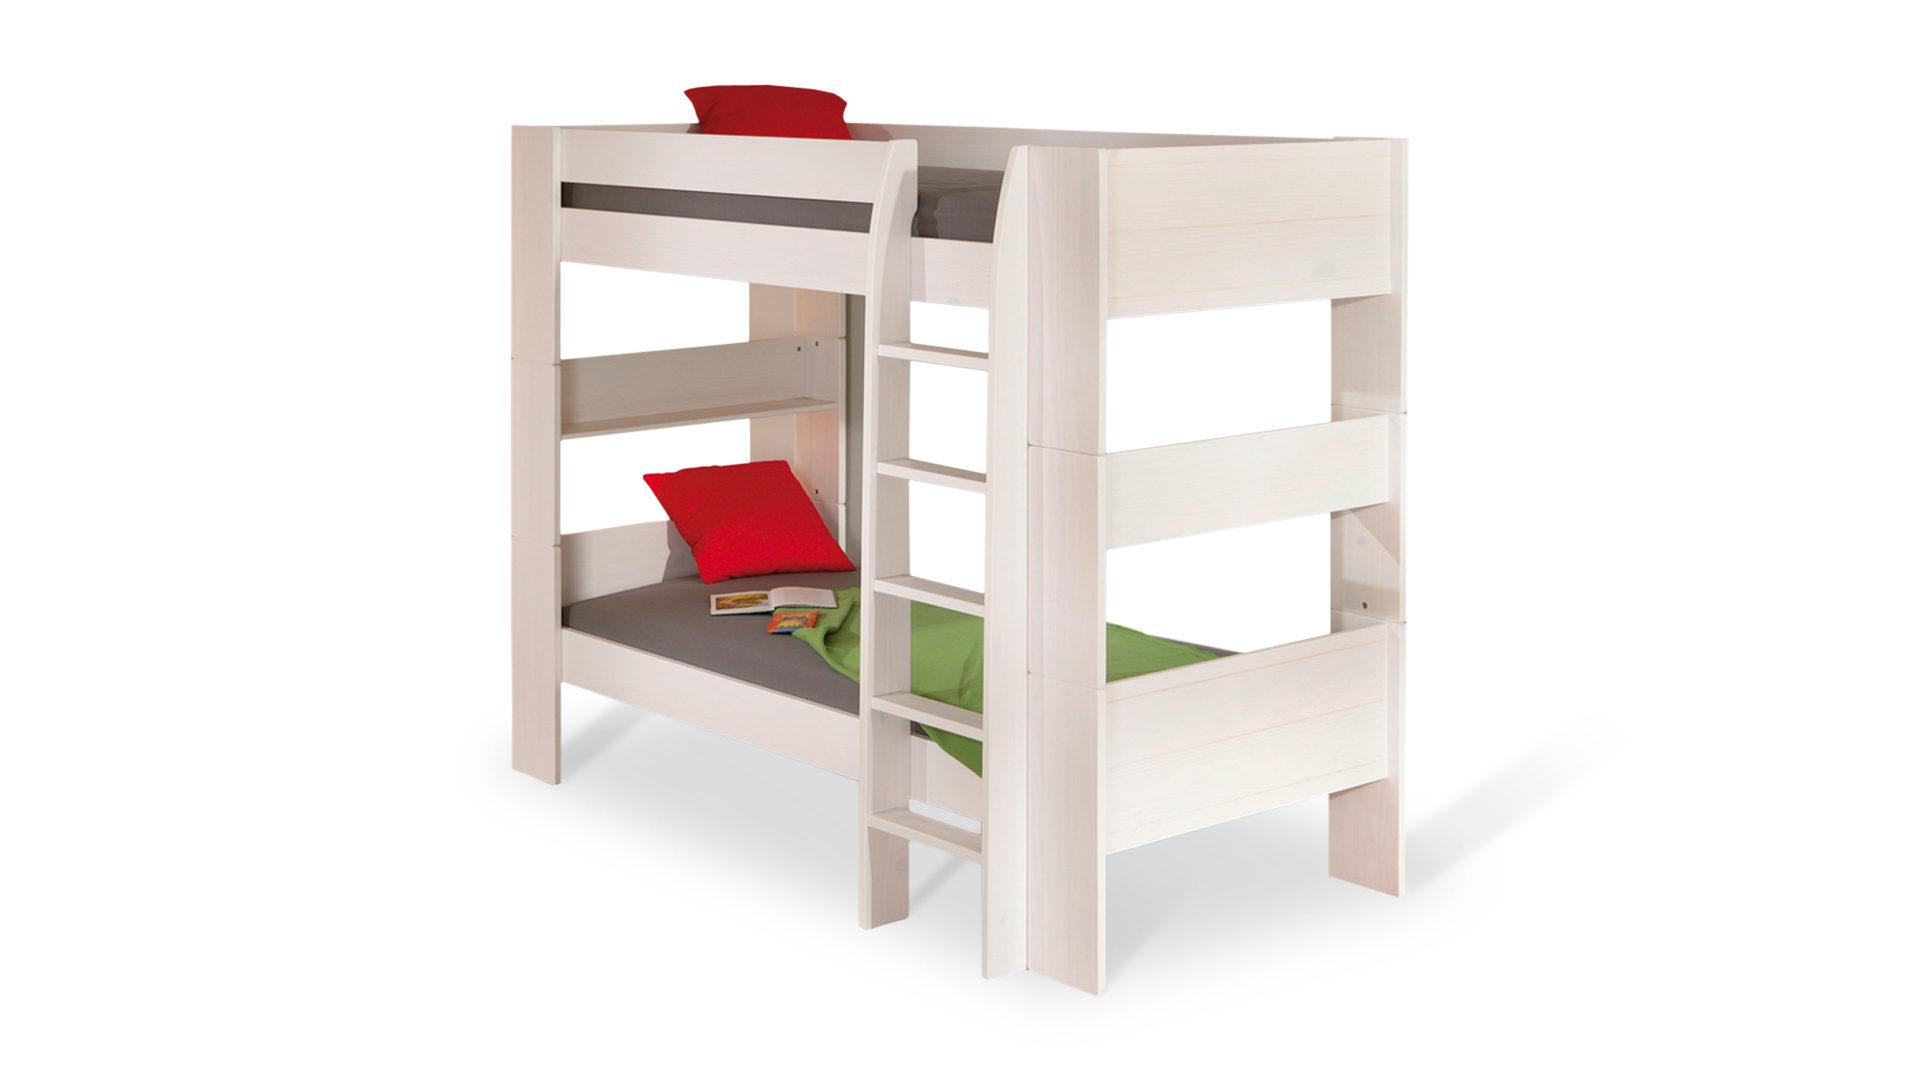 Etagenbett Sofa Duo : Etagenbett hochbett jakob weiß cm unschädlich lackiert